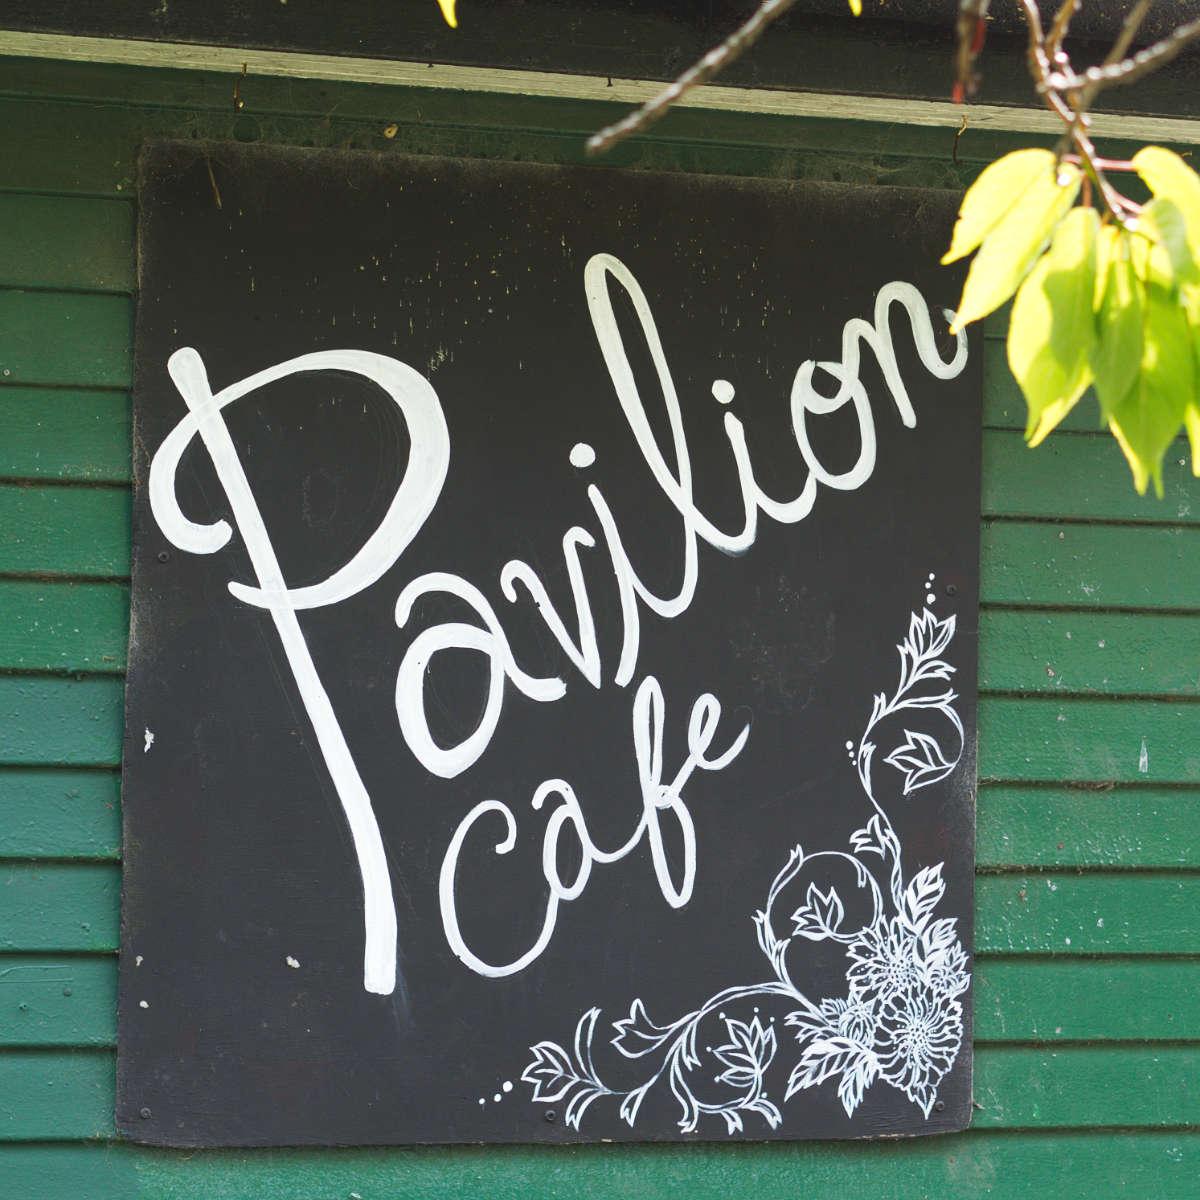 Pavilion cafe sign